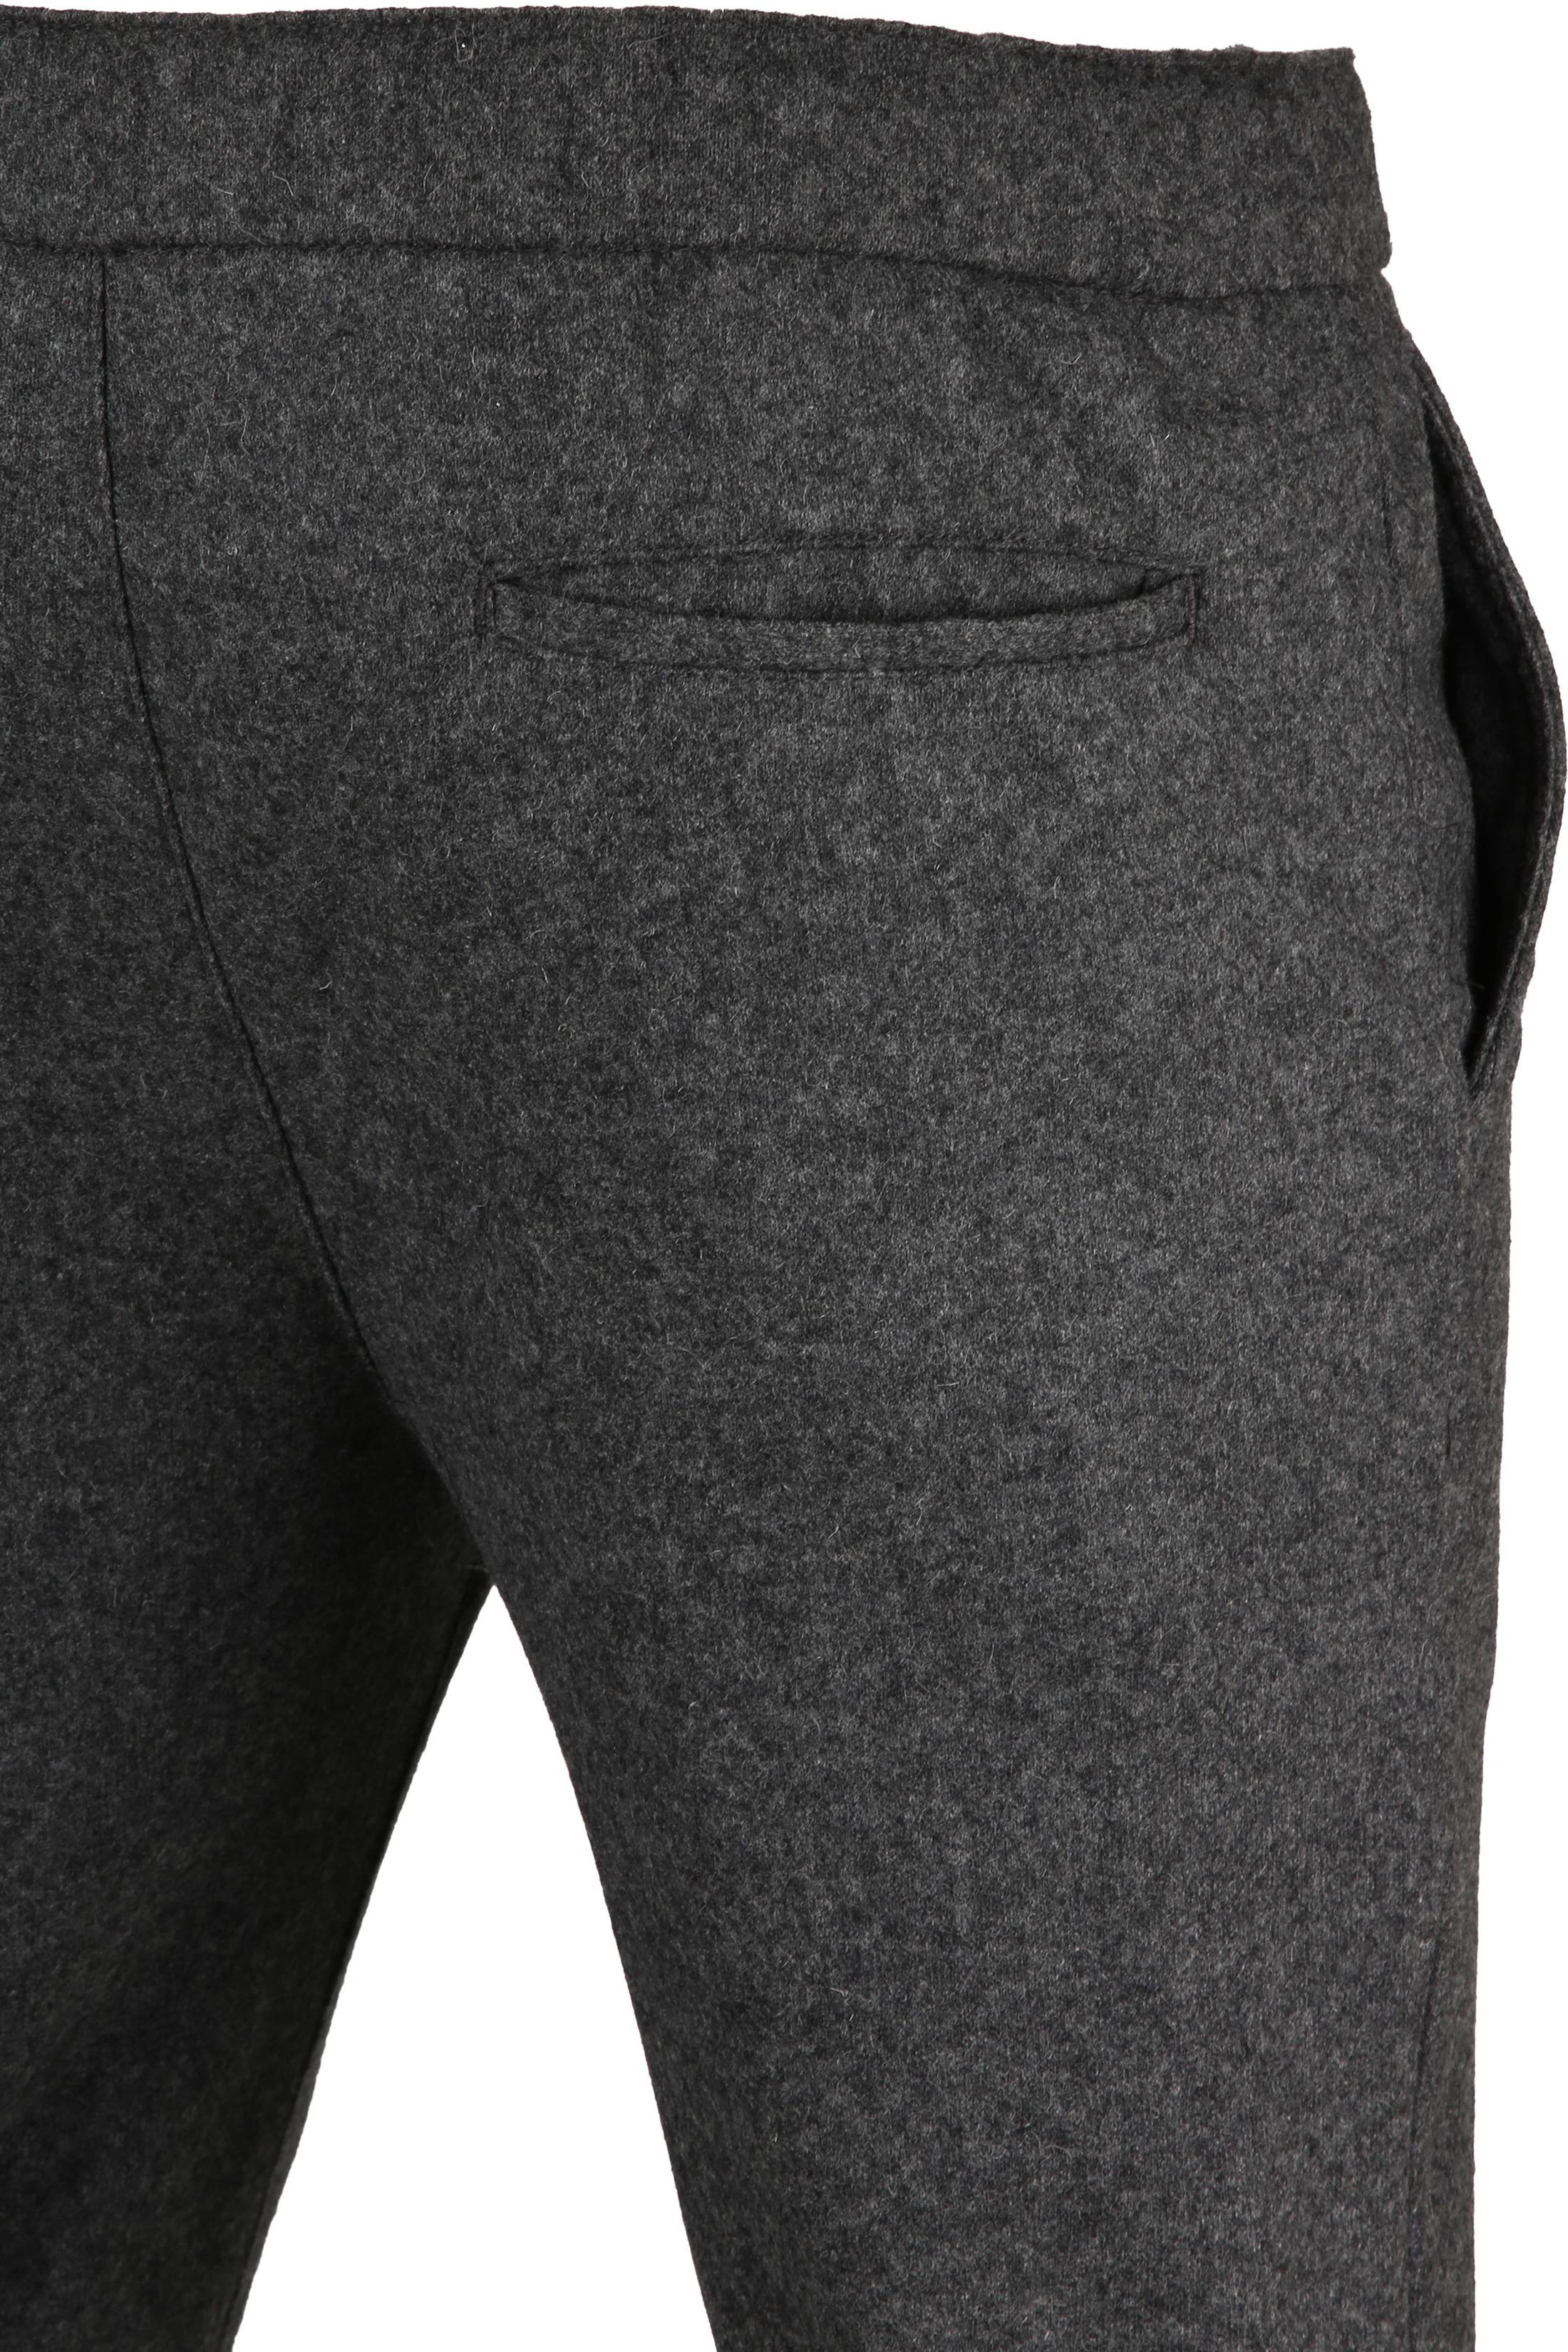 Suitable Easky Pantalon Jersey Antraciet foto 1